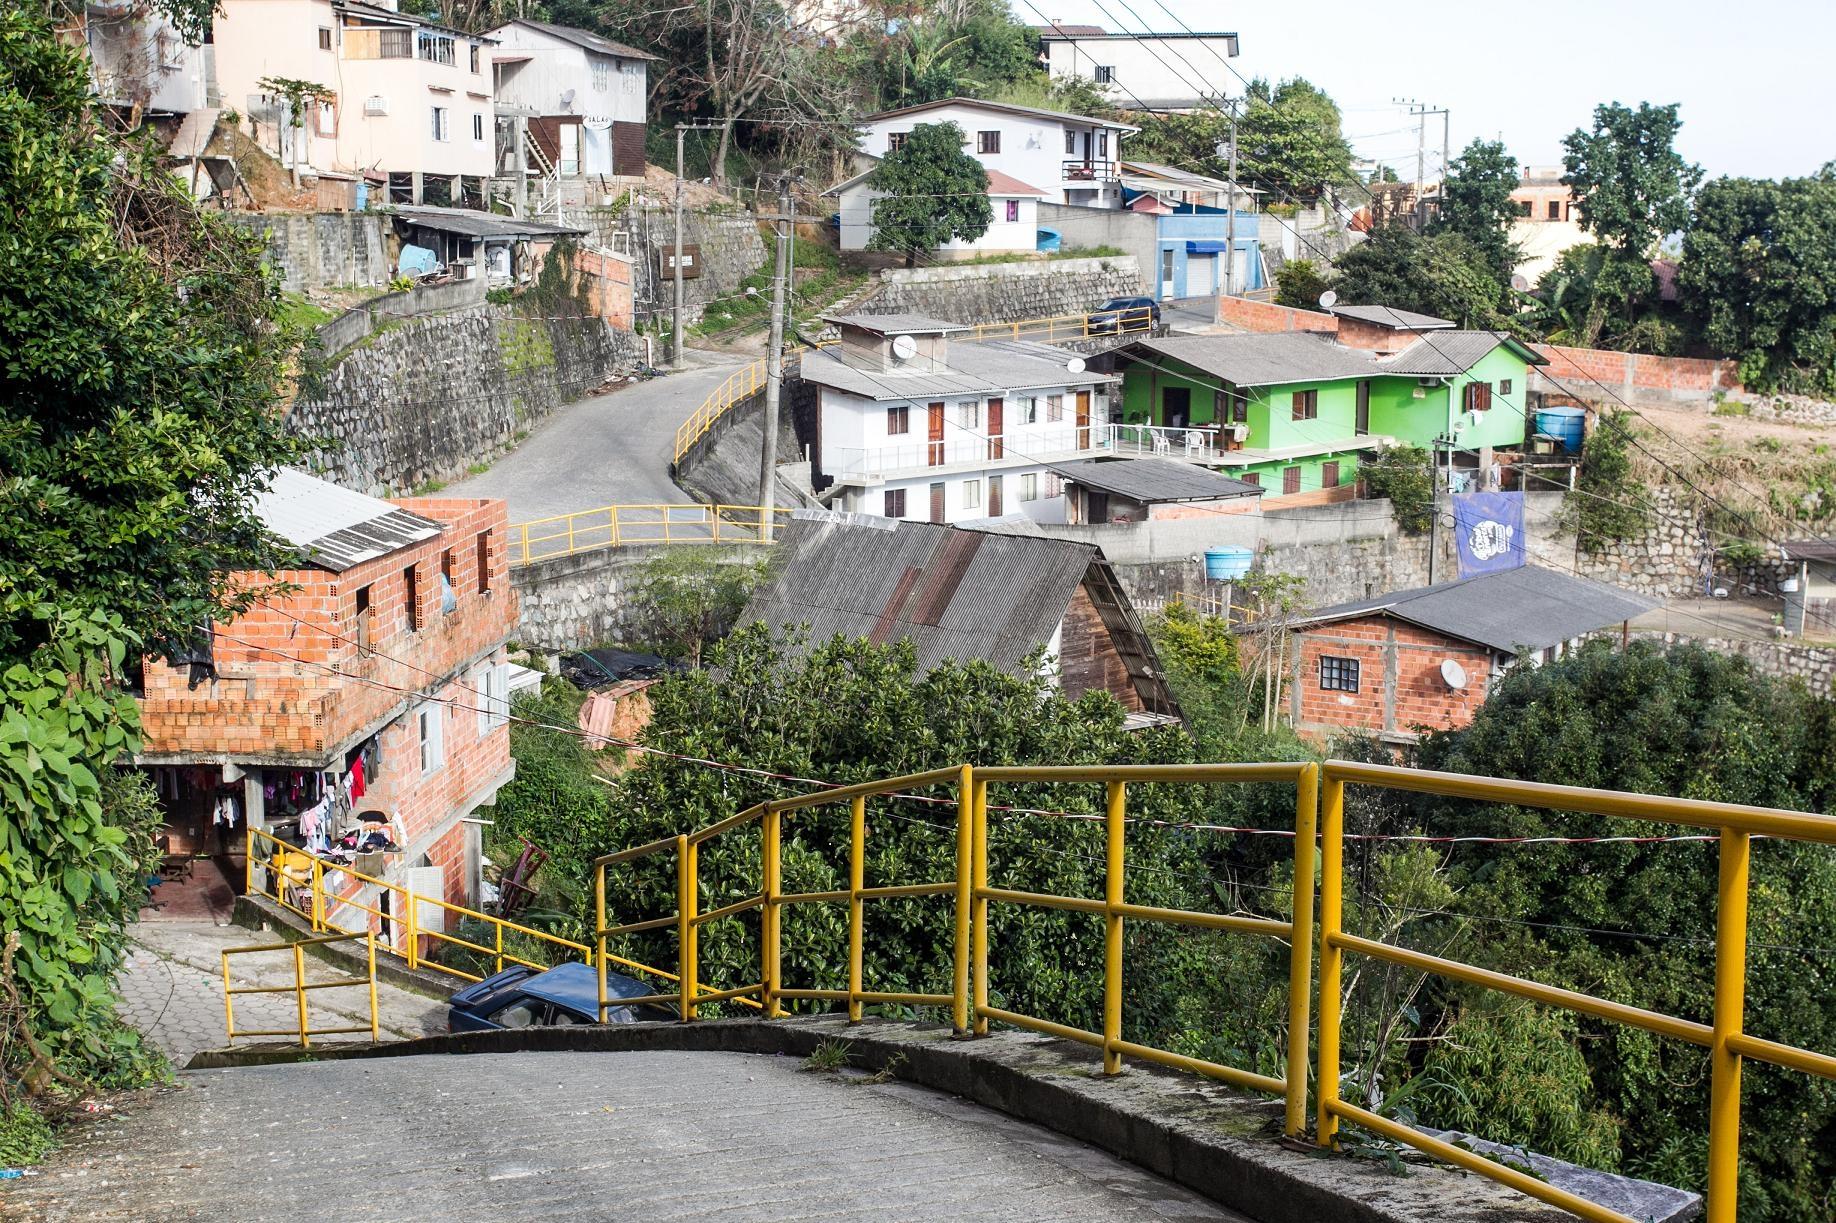 Muros sem alicerce, aditivos de contratos ilegais e obras não realizadas são alvos de questionamentos da CGU - Marco Santiago/ND